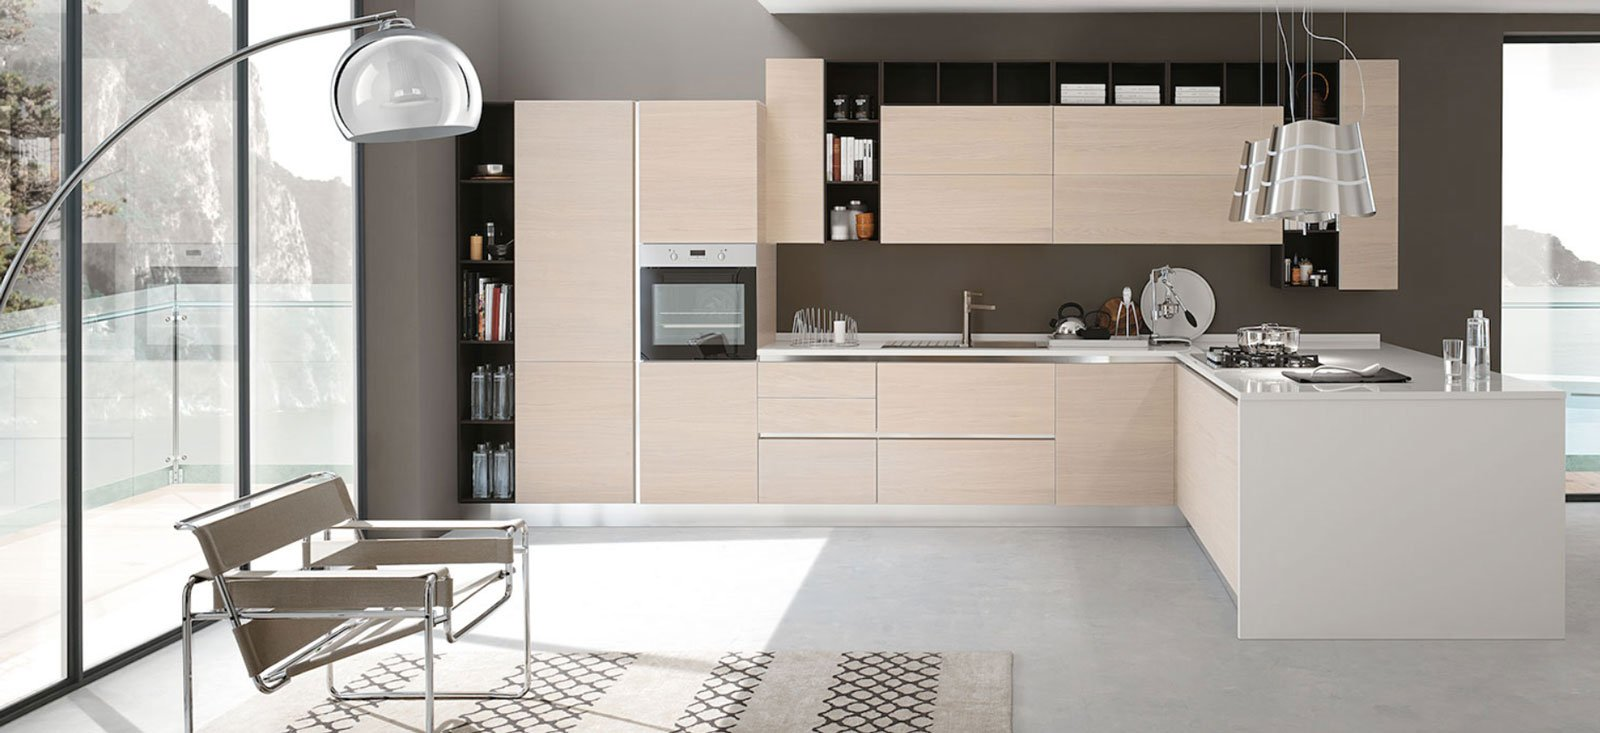 Mobilturi cucine classiche top clicca sul modello desiderato with mobilturi cucine classiche - Cucine mobilturi opinioni ...